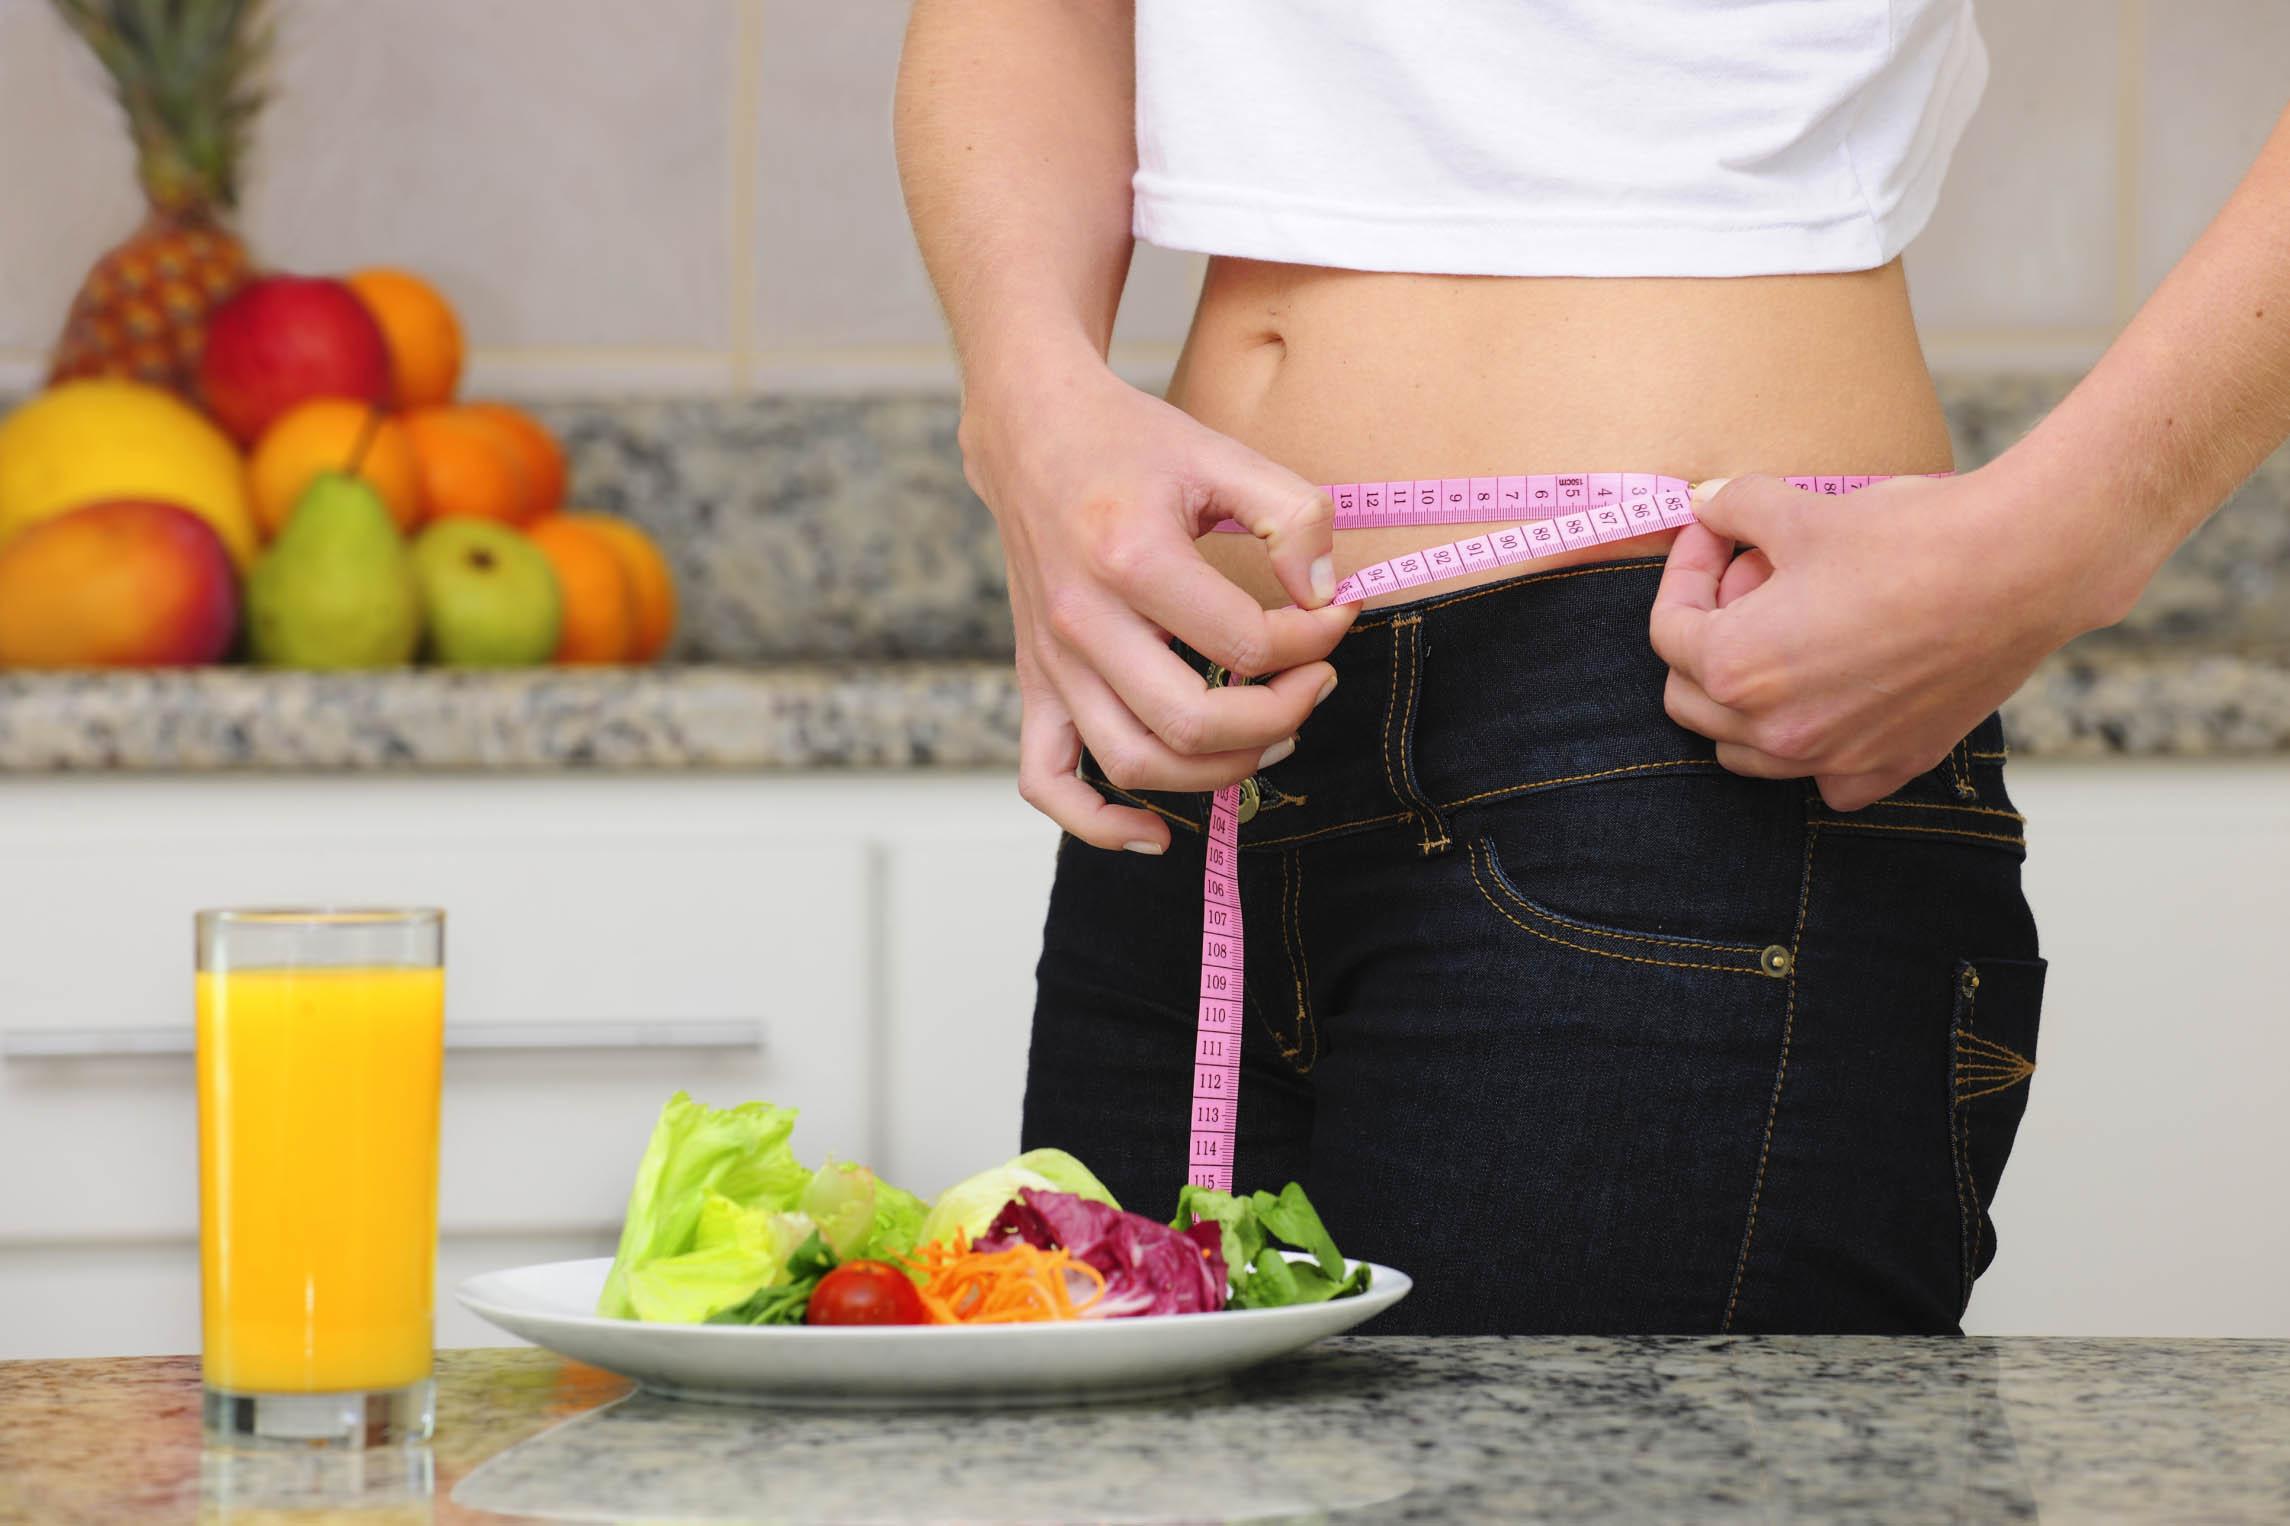 Как правильно и эффективно худеть в домашних условиях?